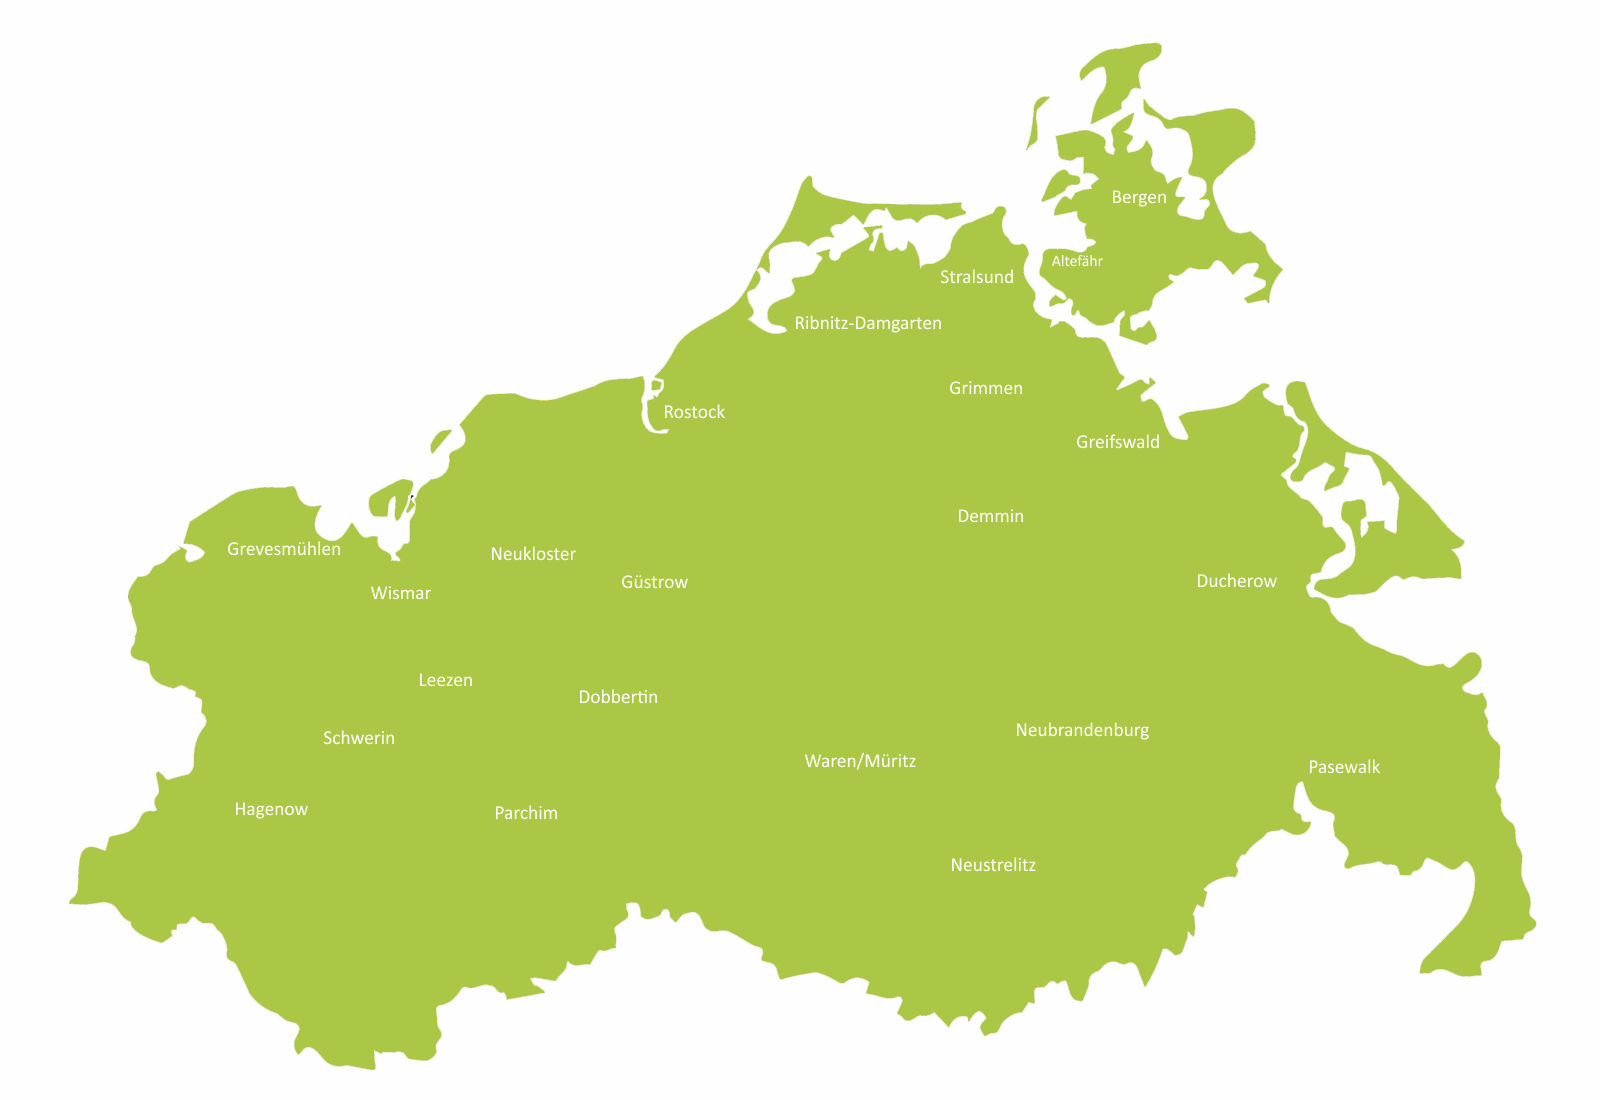 Die Werkstätten der LAG Wfbm in Mecklenburg-Vorpommern